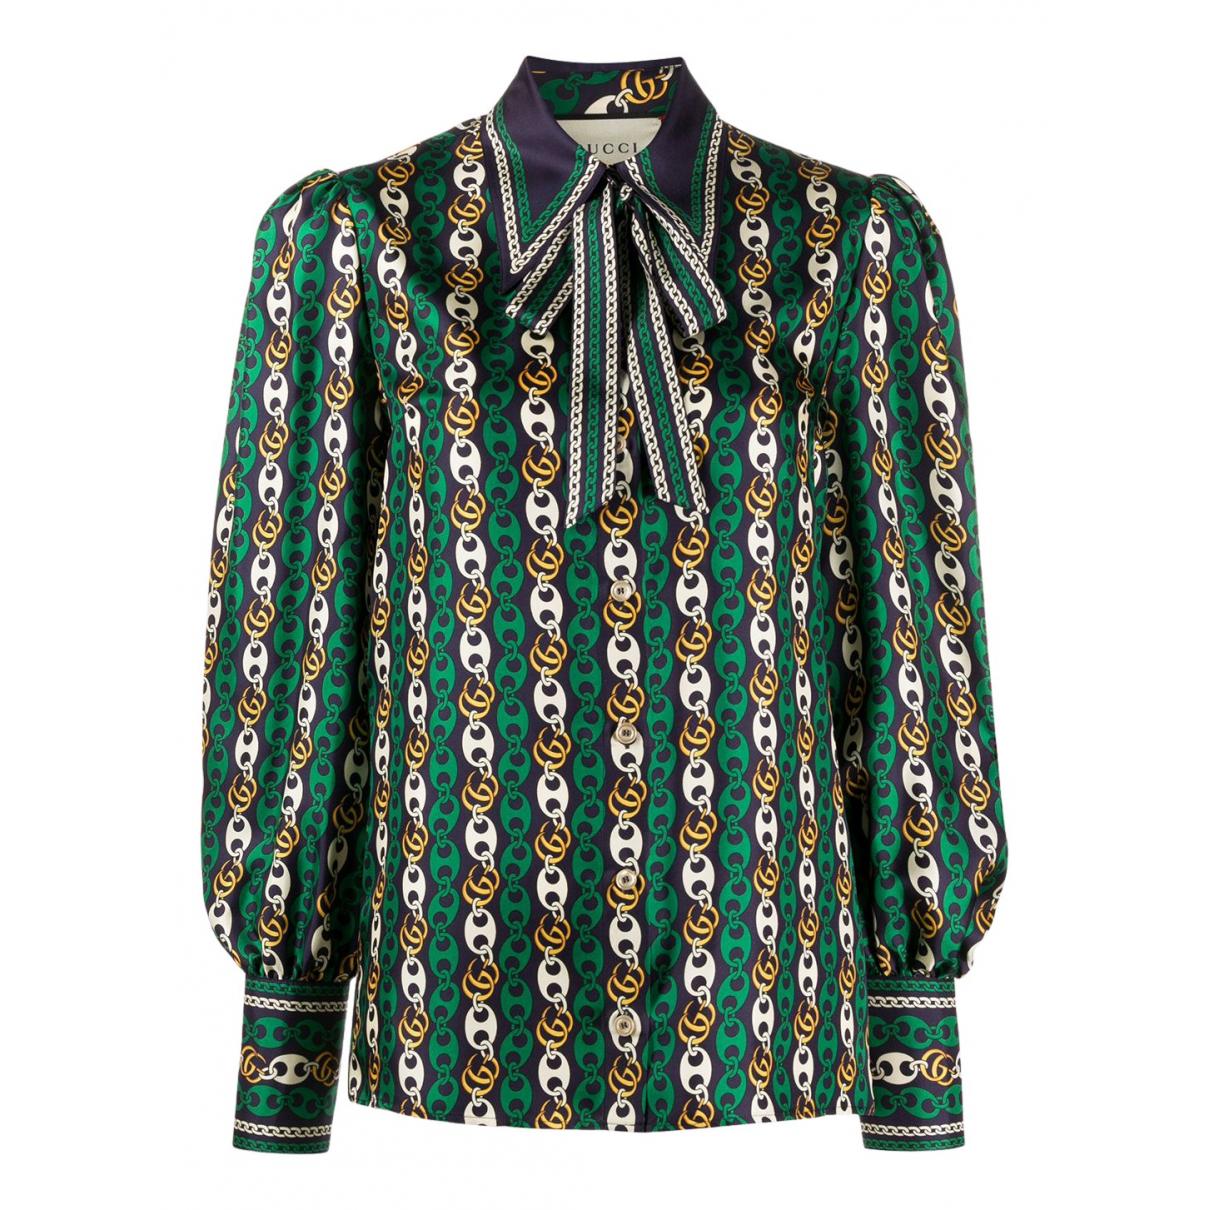 Gucci - Top   pour femme en soie - vert